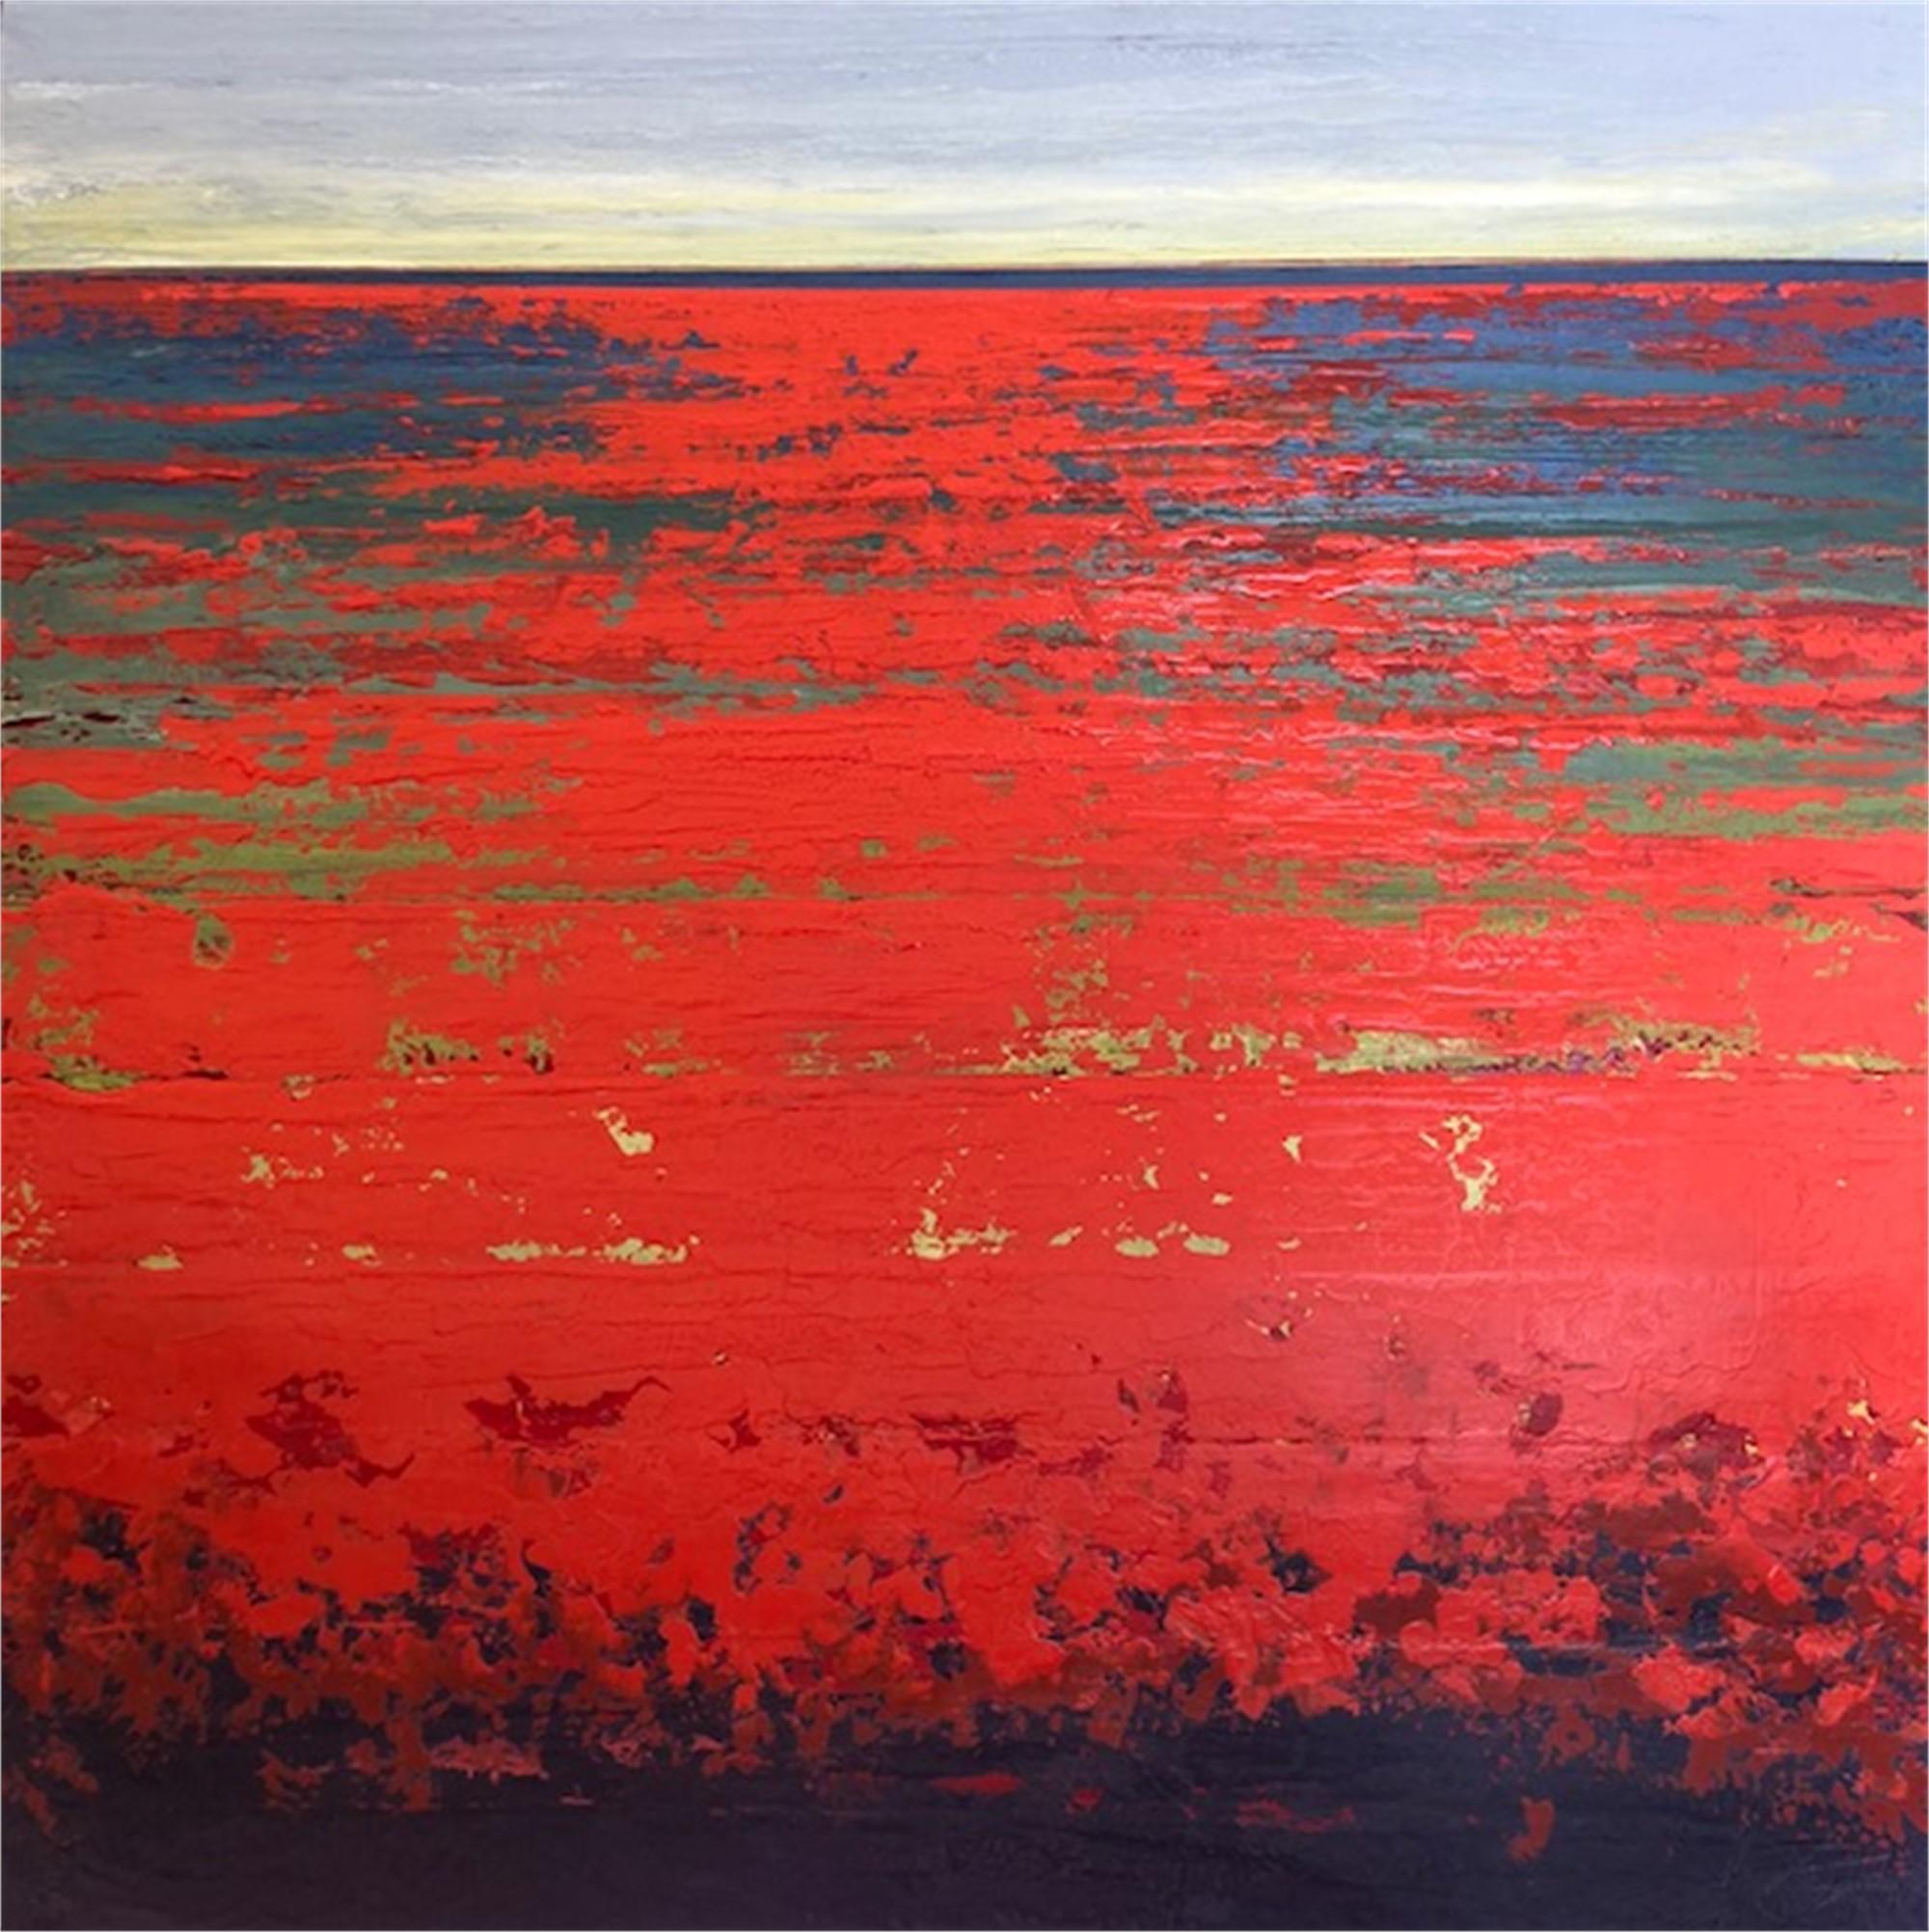 Ruby Fields by Stephanie Paige